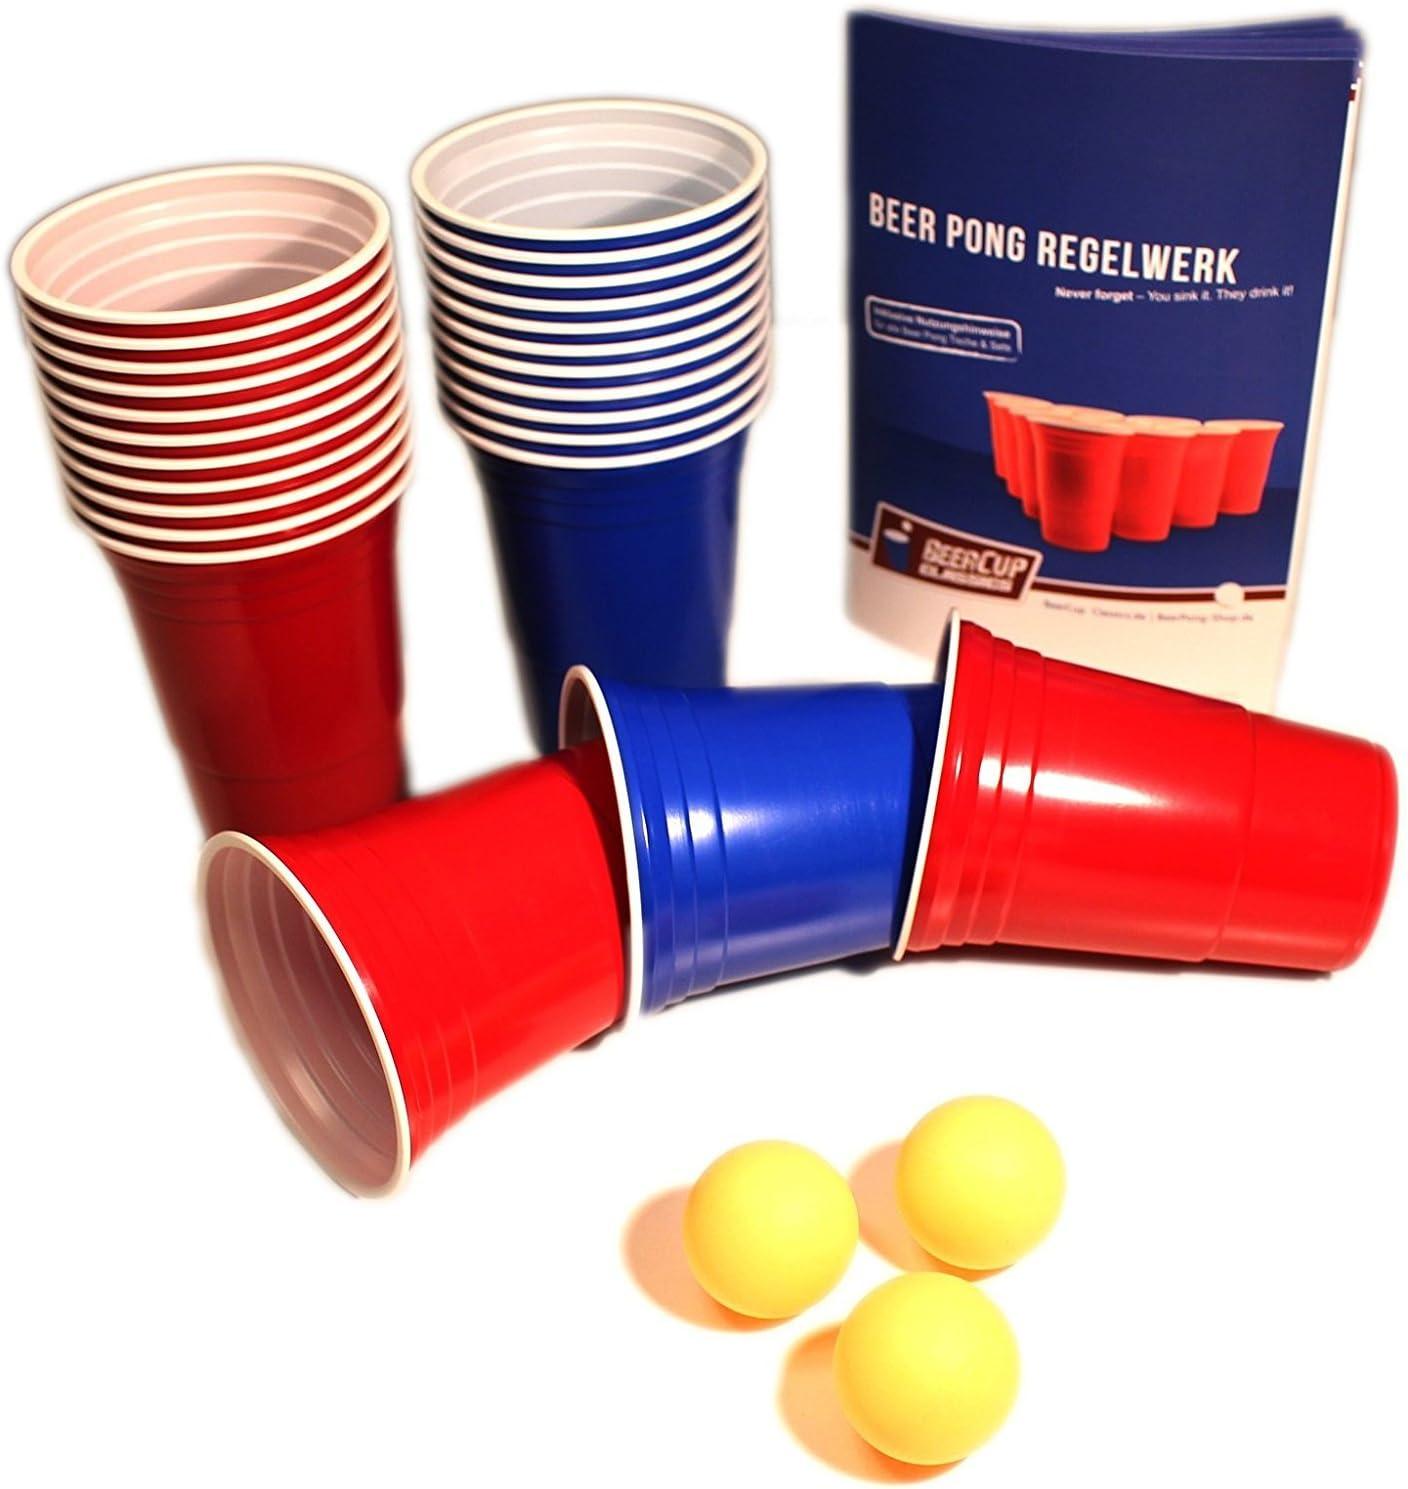 Red & Blue Beer Cups Party Pack – Vaso para Fiesta Azul & Rojo & Beer Pong Incluye pelotas y regla de, 500 Rote & 500 Blaue Becher: Amazon.es: Hogar